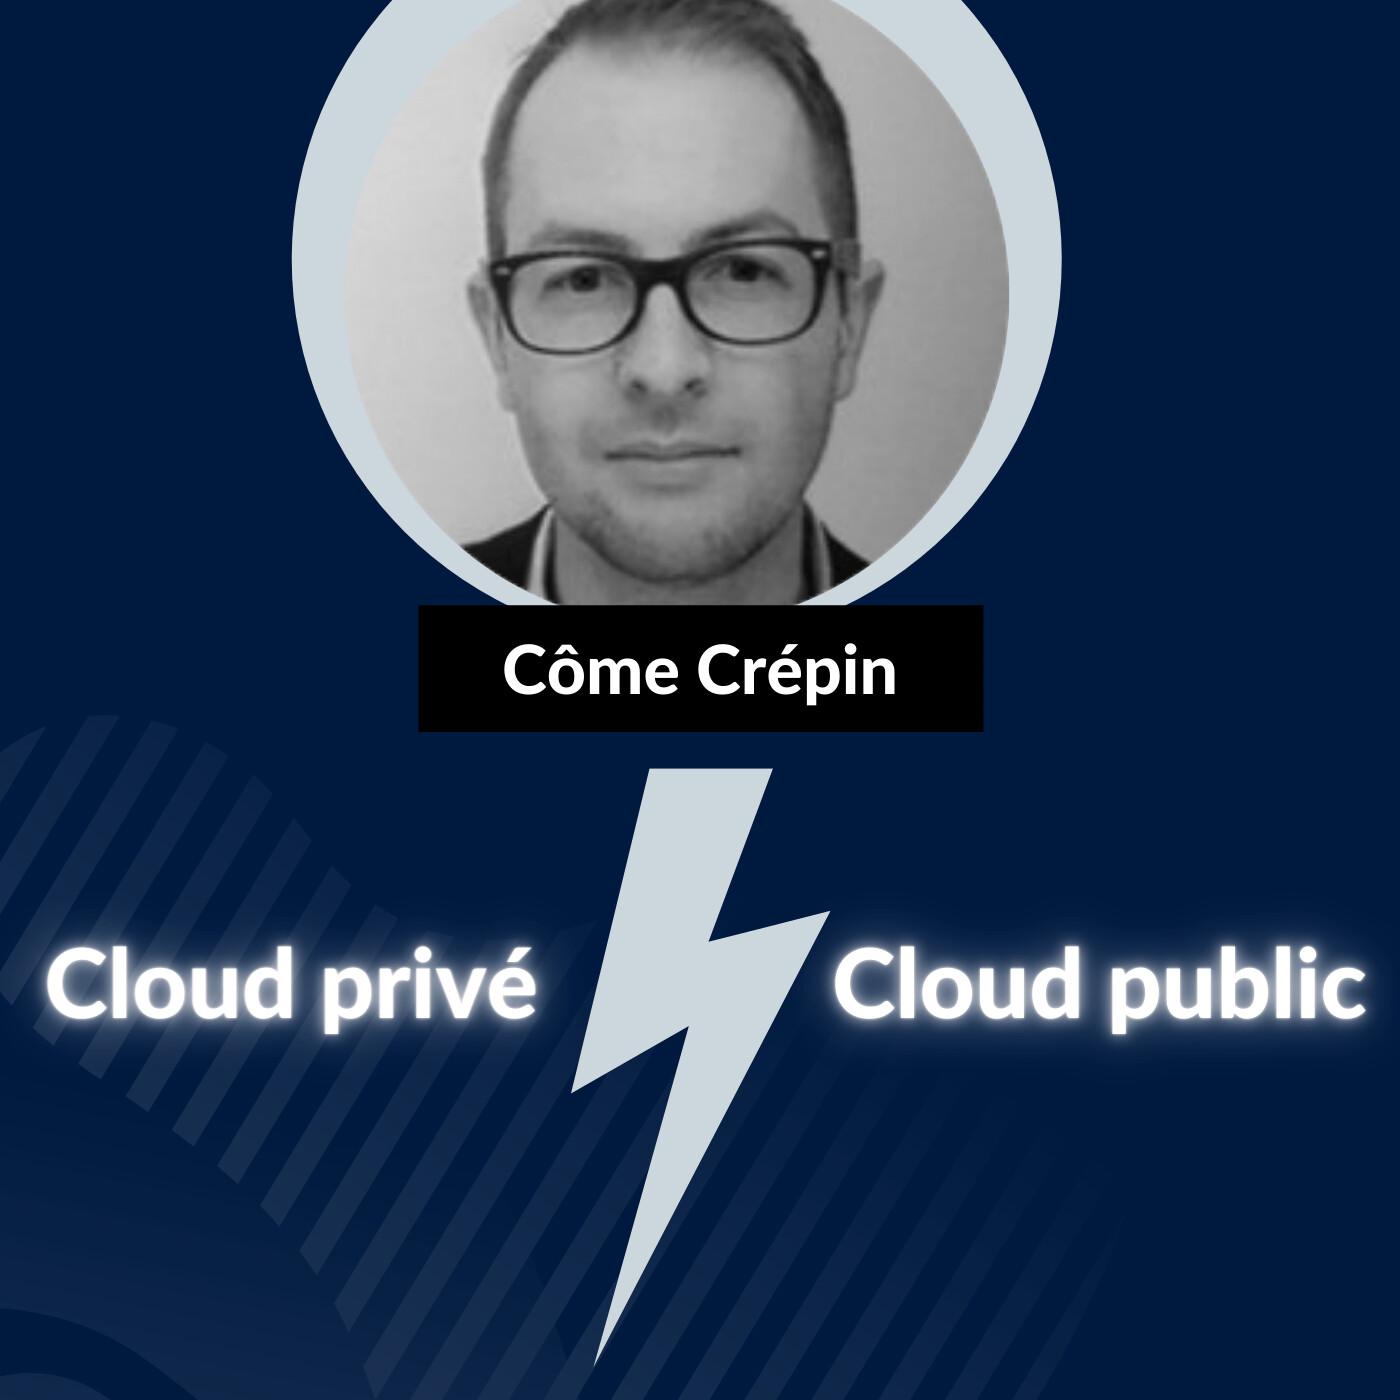 Le Match IT by BLUE - Cloud privé VS Cloud public